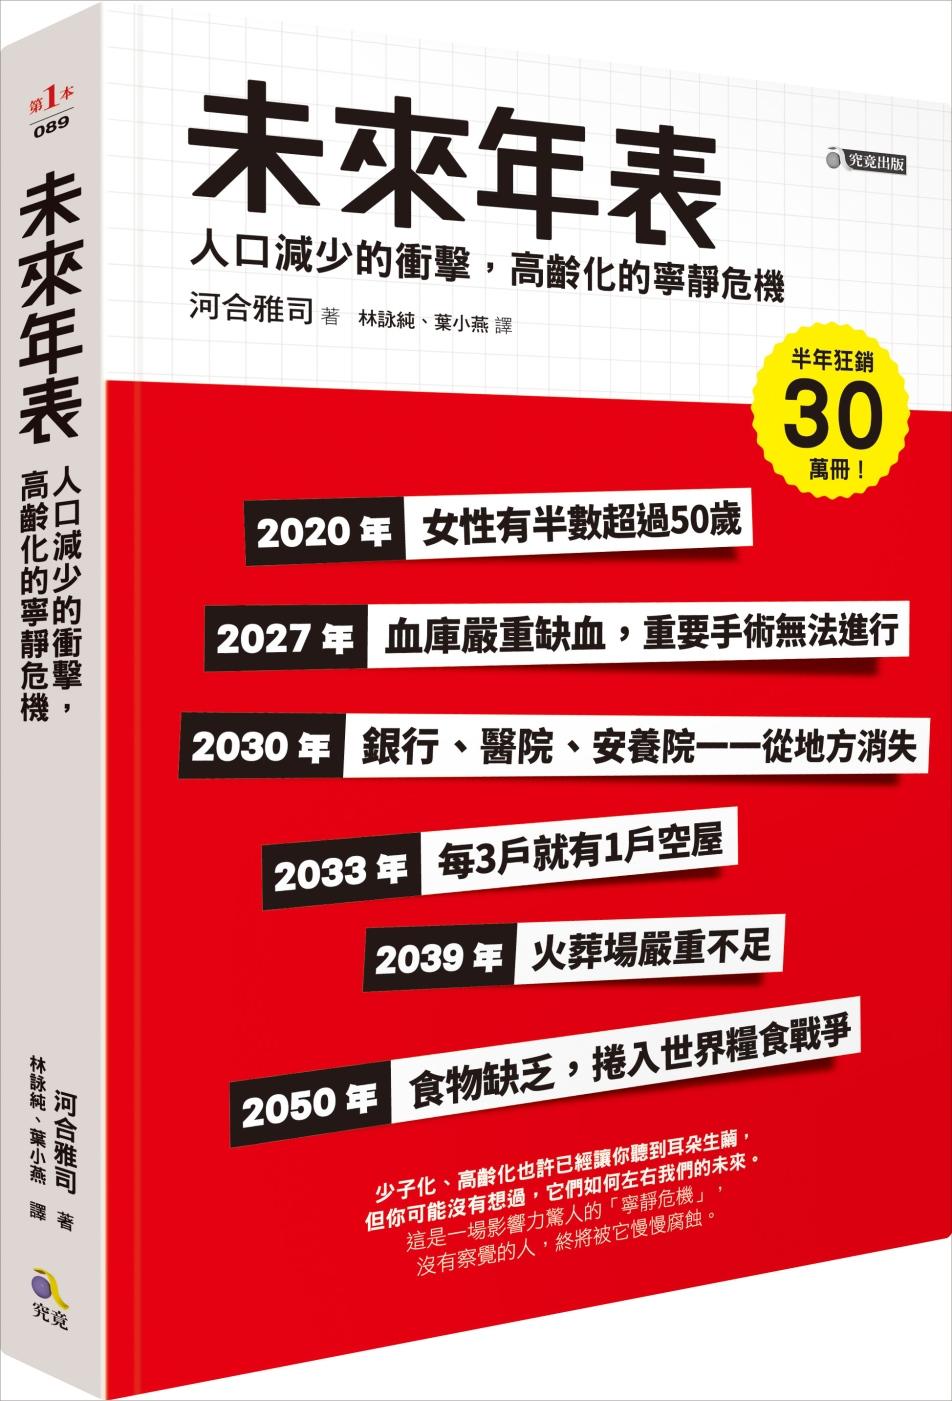 未來年表:人口減少的衝擊,高齡化的寧靜危機